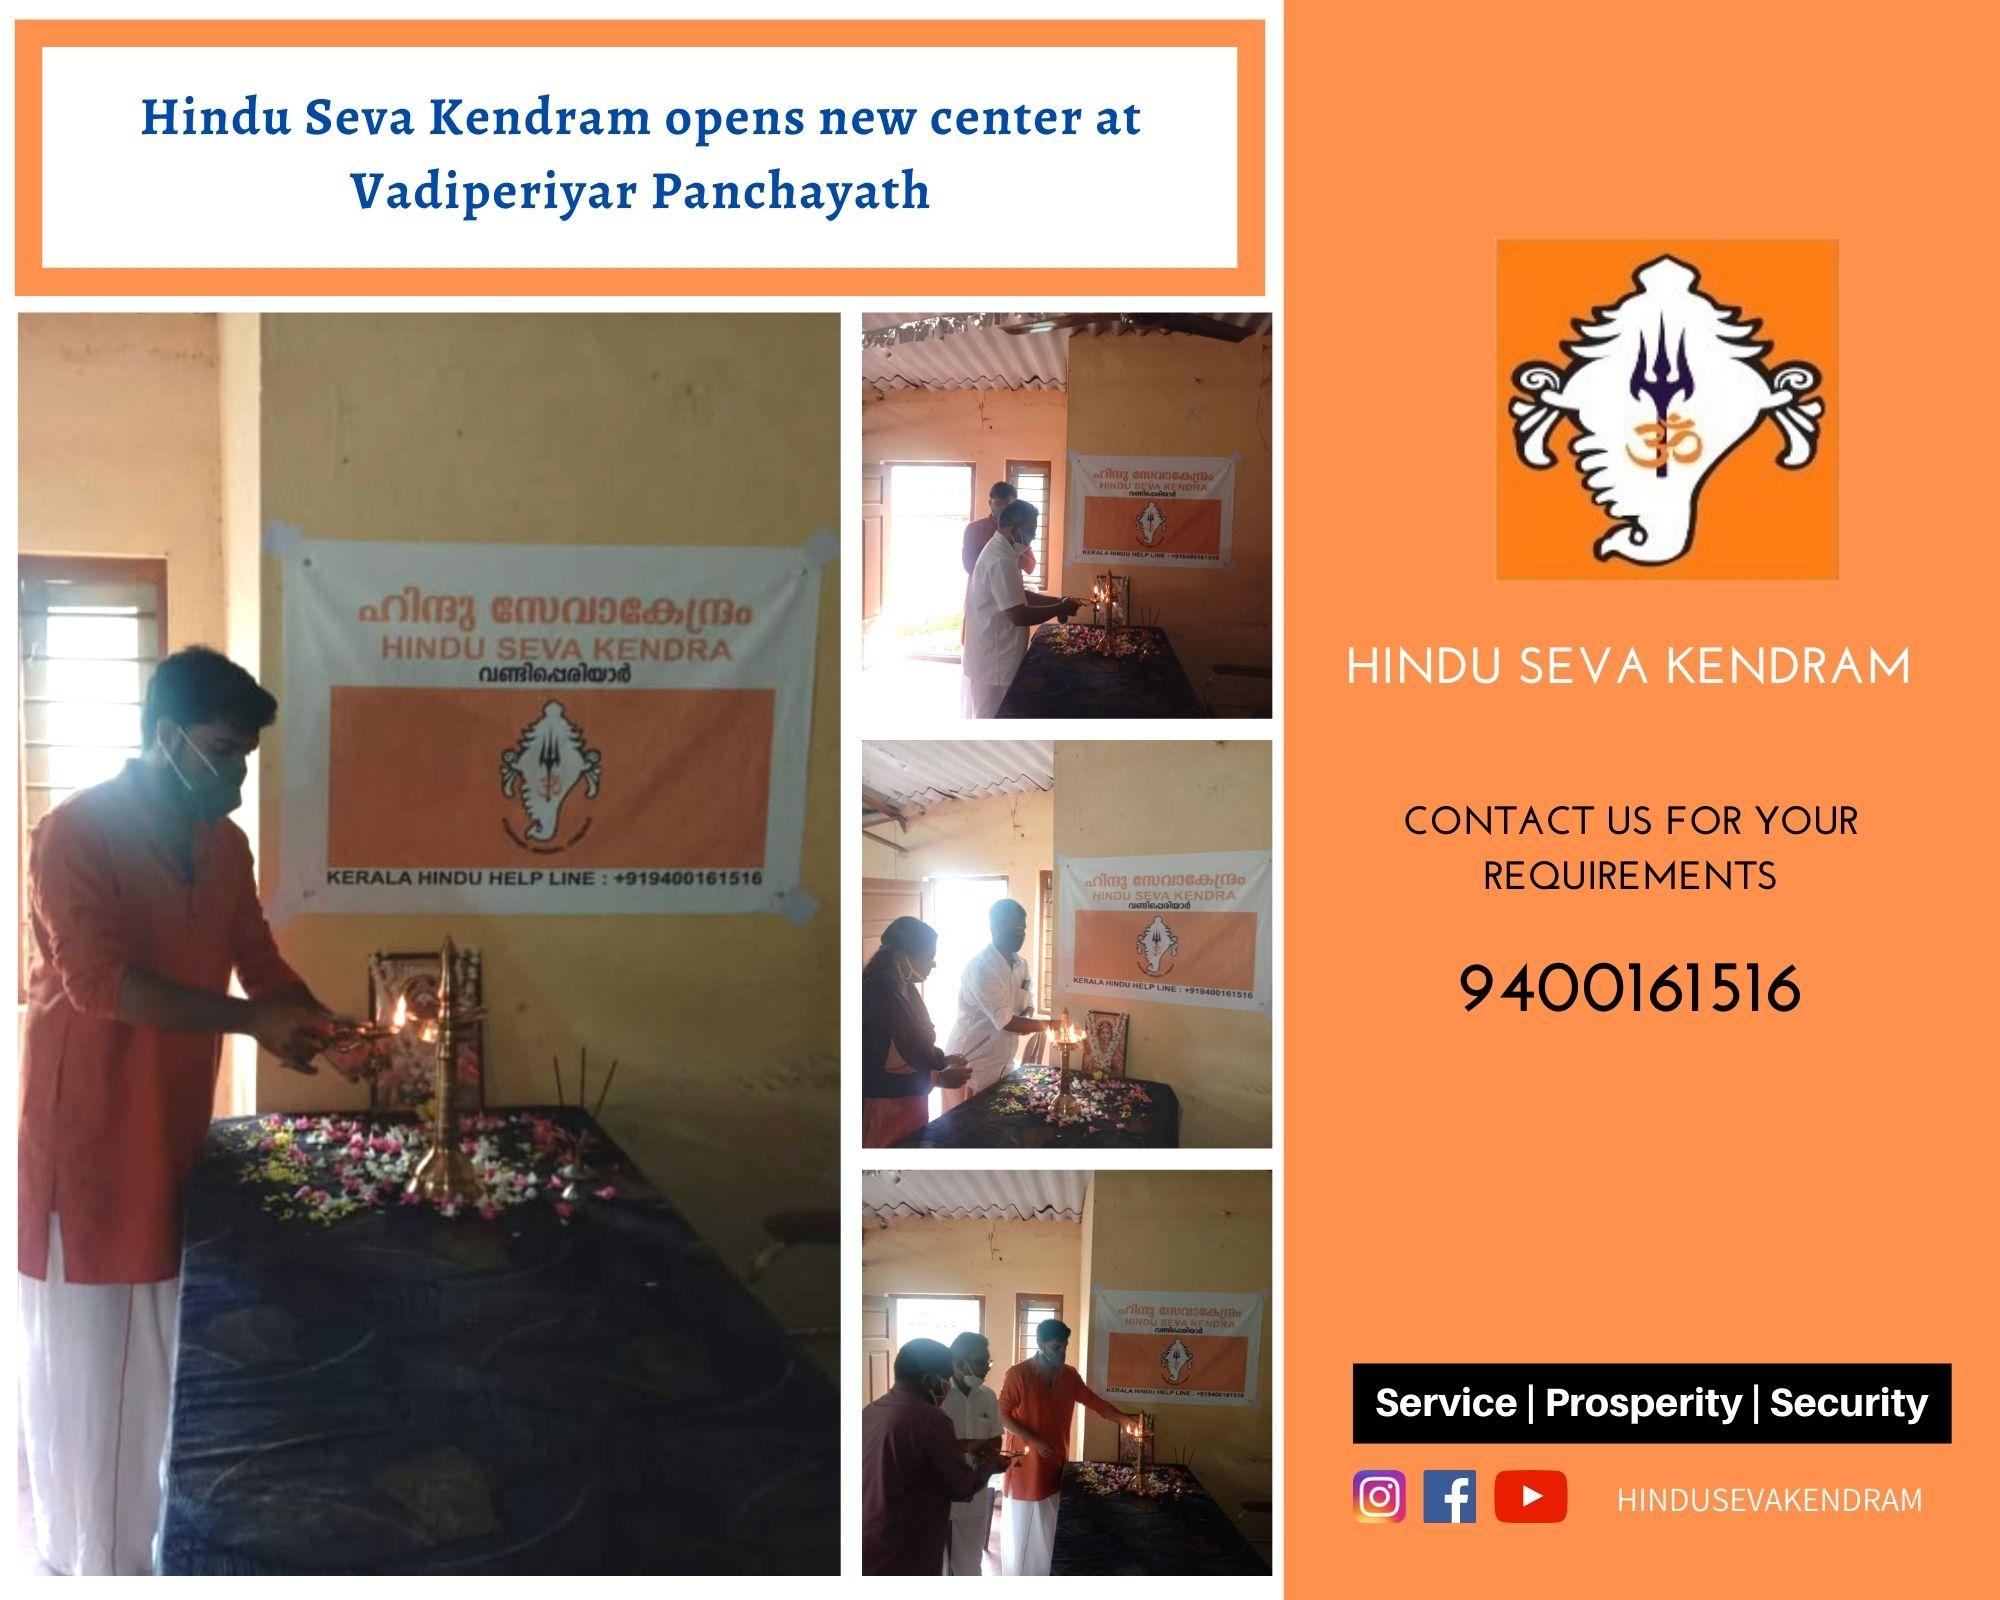 Hindu Seva Kendram opens new center at Vandiperiyar Panchayath